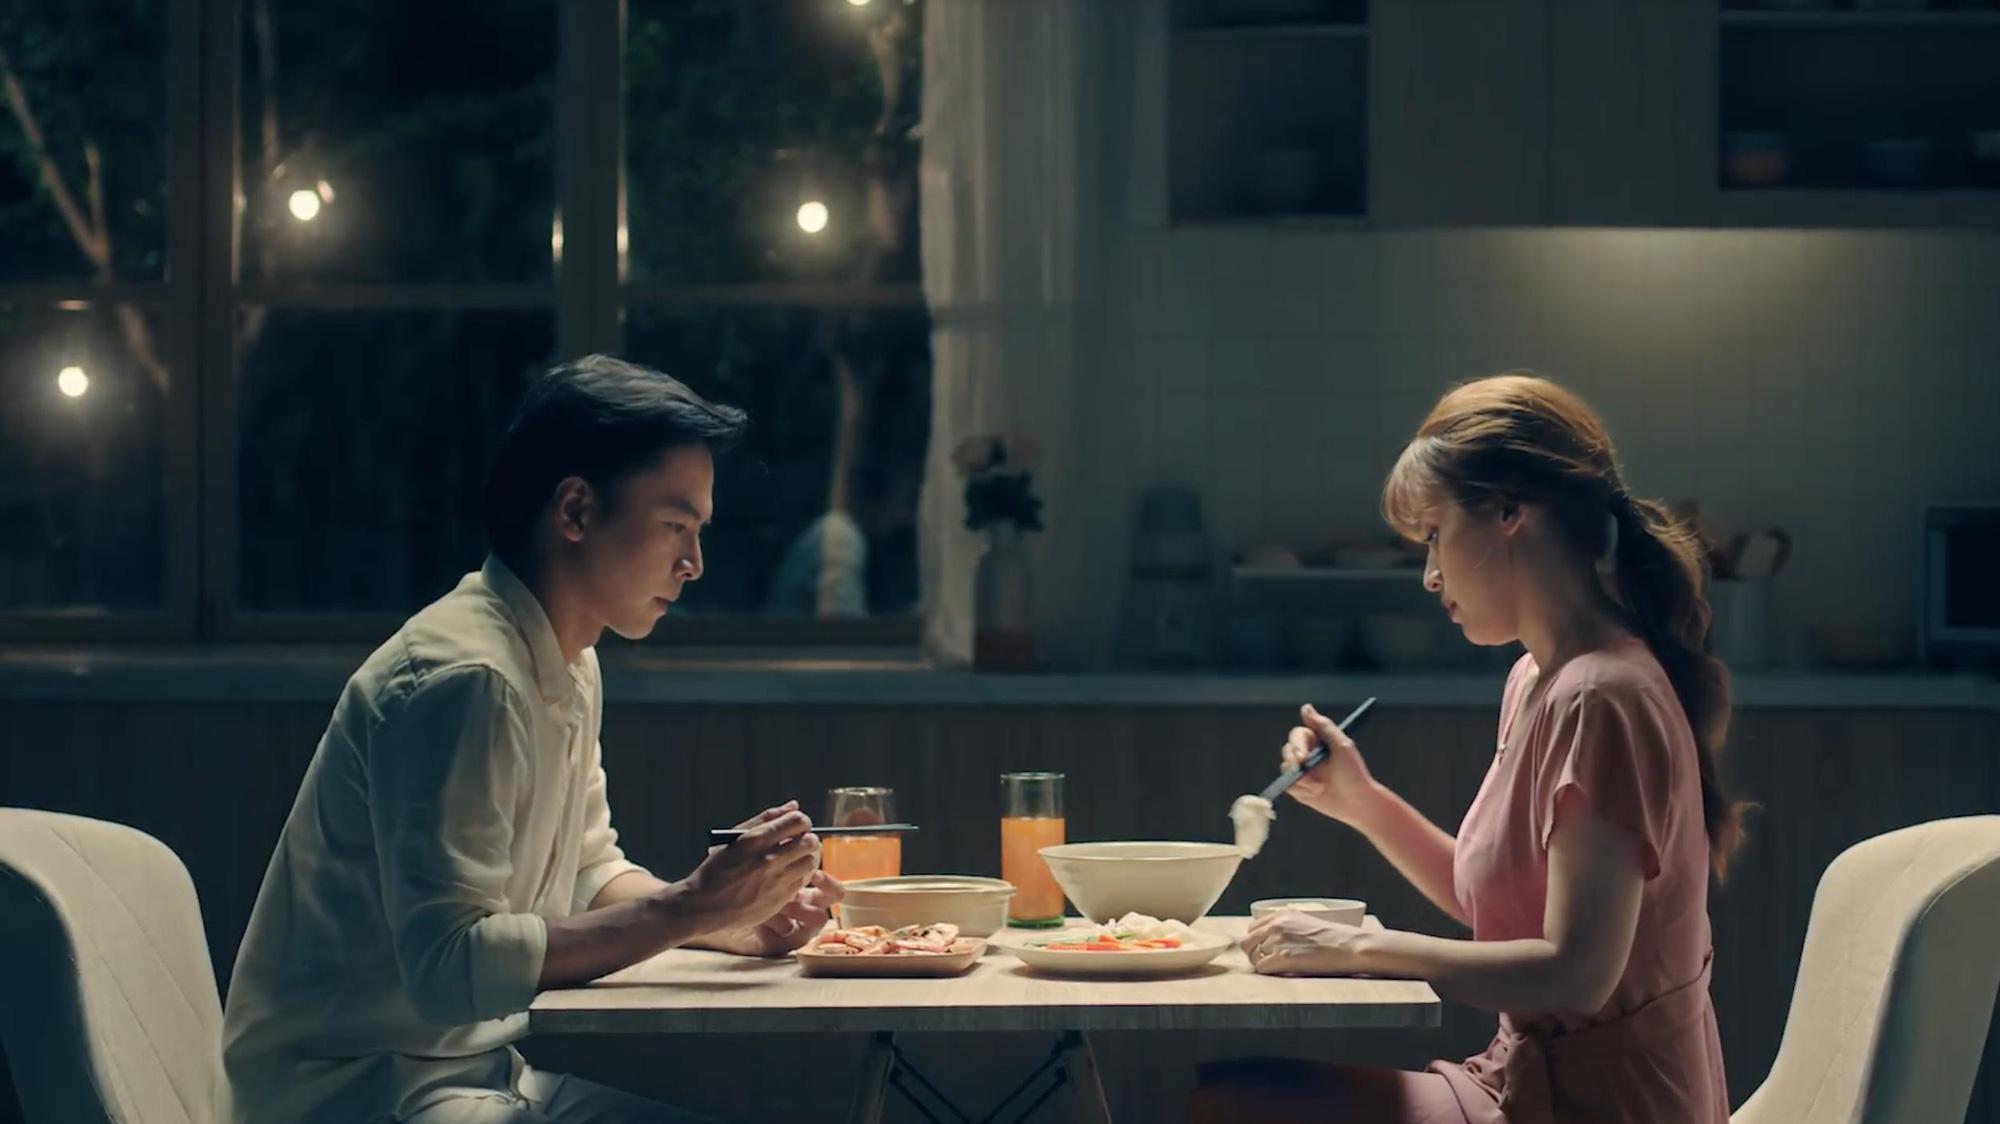 Tú Vi - Văn Anh: Của bền tại người. Tình cảm vợ chồng lâu năm cũng vậy - Ảnh 1.